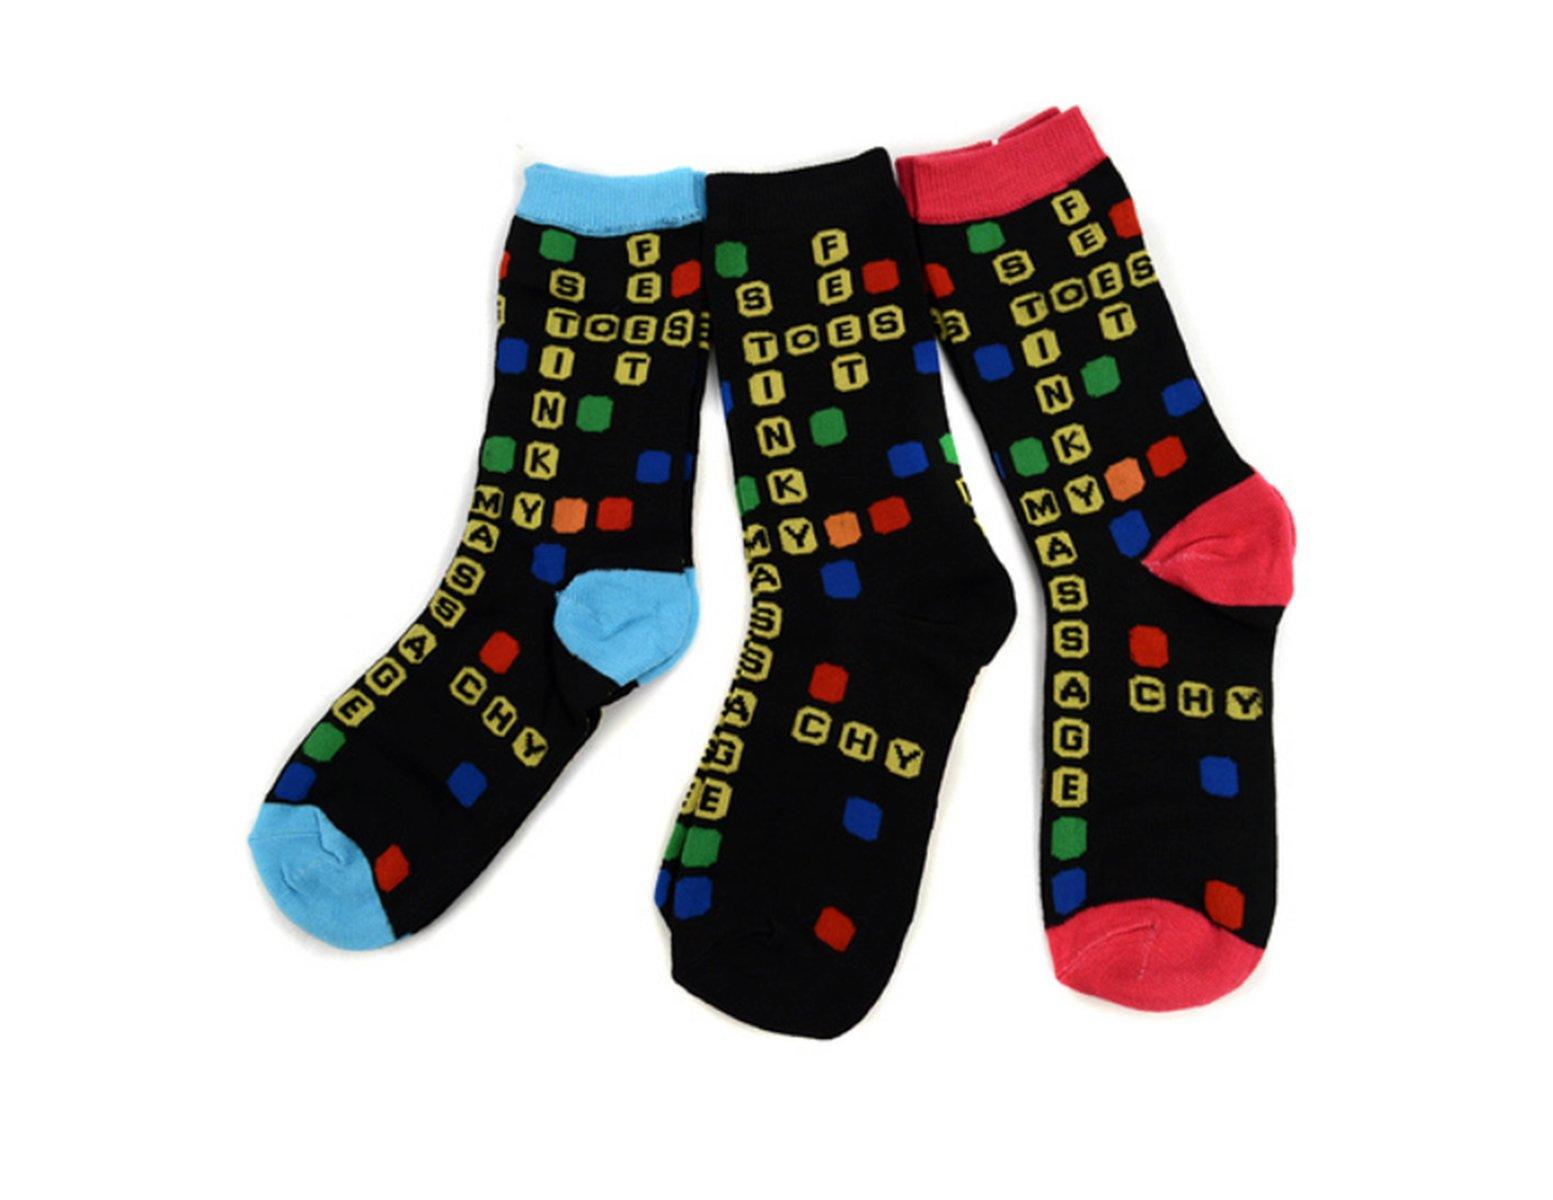 Women's Fun Crew Cute SCRABBLE Socks, 3-Pack, Sock Size 9-11 / Shoe Size 4-10, Great Gift! (Dark Pink, Light Blue, Black)